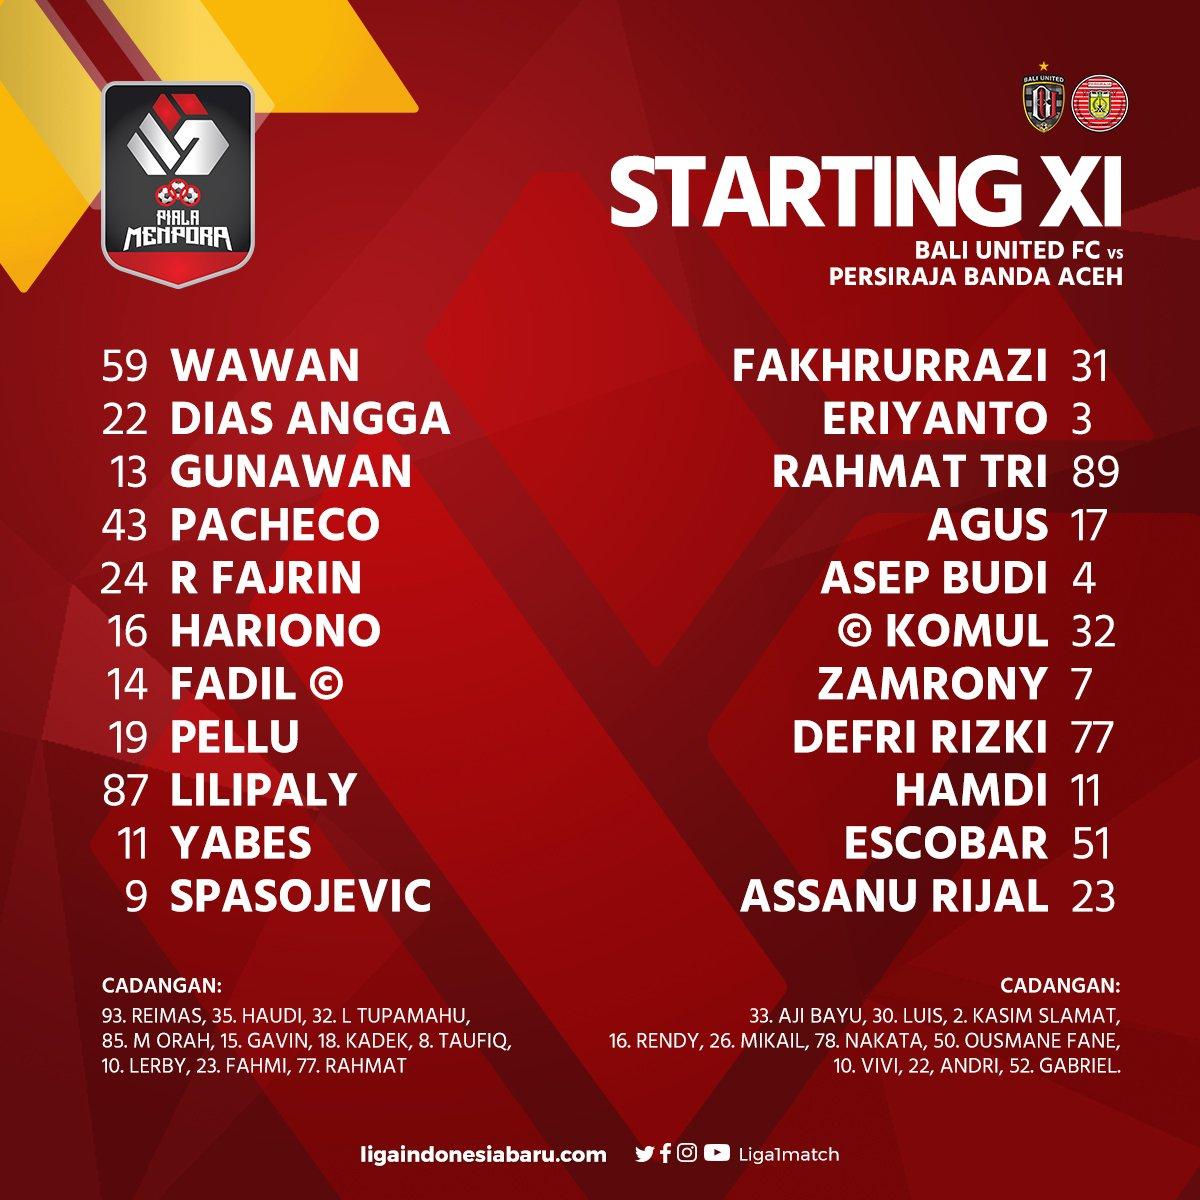 Liga 1 Indonesia On Twitter Daftar Susunan Pemain Piala Menpora 2021 Bali United Fc Vs Persiraja Banda Aceh Pialamenpora2021 Dukungdarirumah Https T Co Cpiymaq3xz